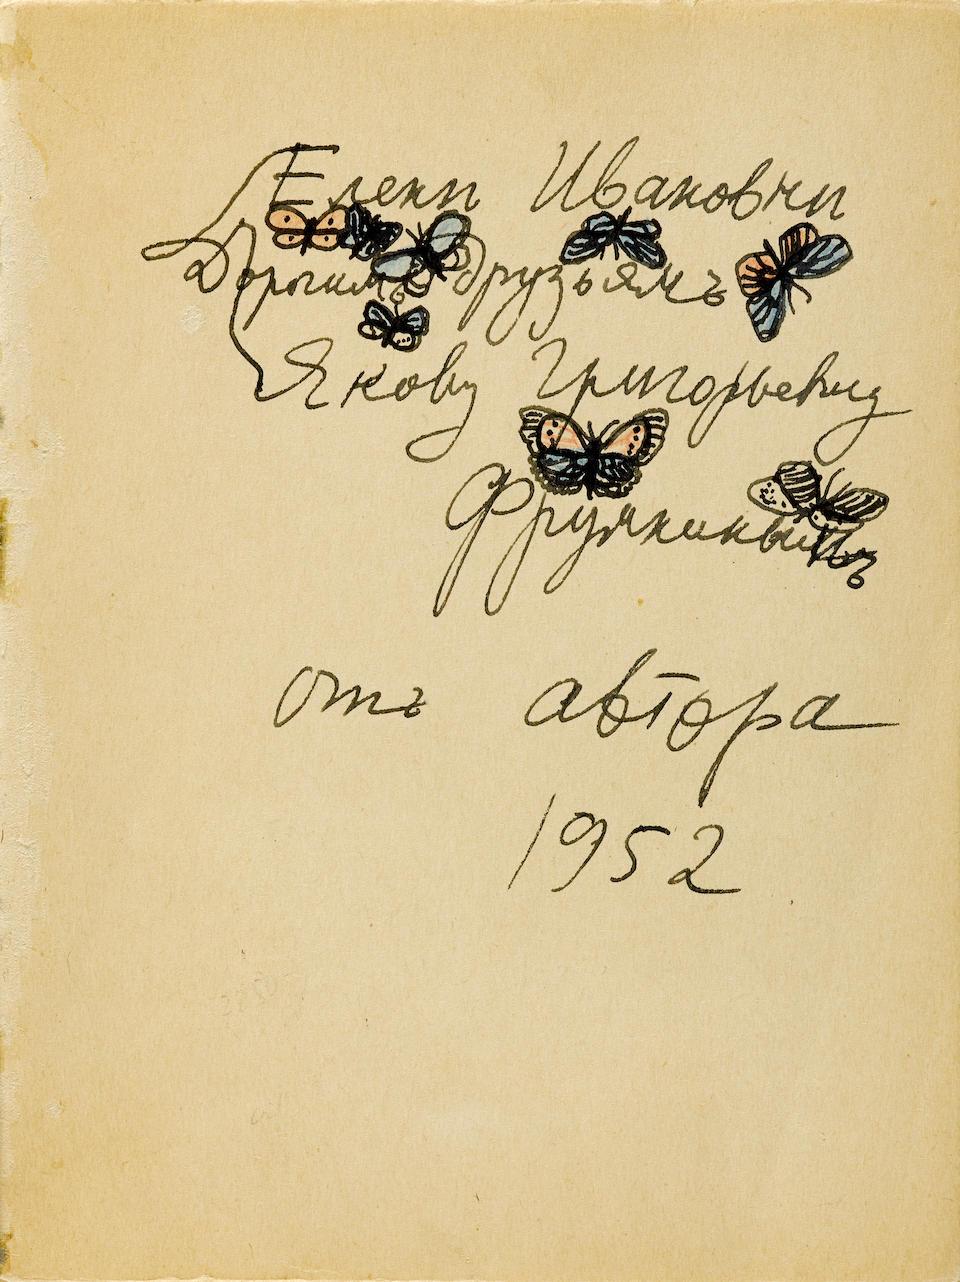 NABOKOV, VLADIMIR VLADIMIROVICH. 1899-1977. Stikhotvoreniya 1929-1951 [Poems from 1929 to 1951]. Paris: Rifma, 1952.